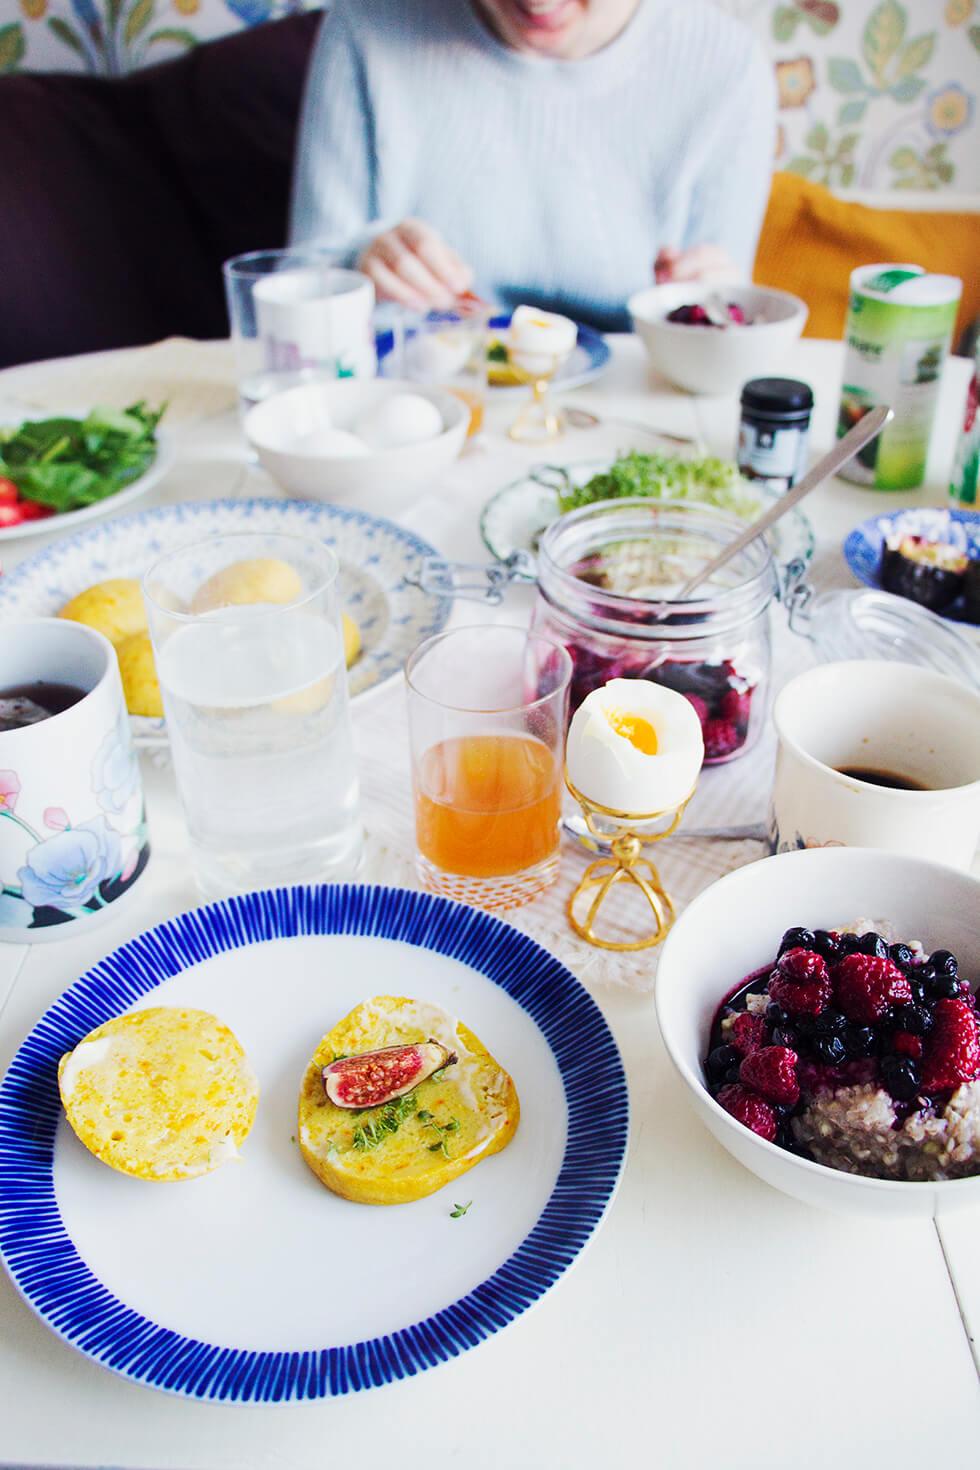 frukost_saffransscones_bovetegröt_hjortronglögg_3